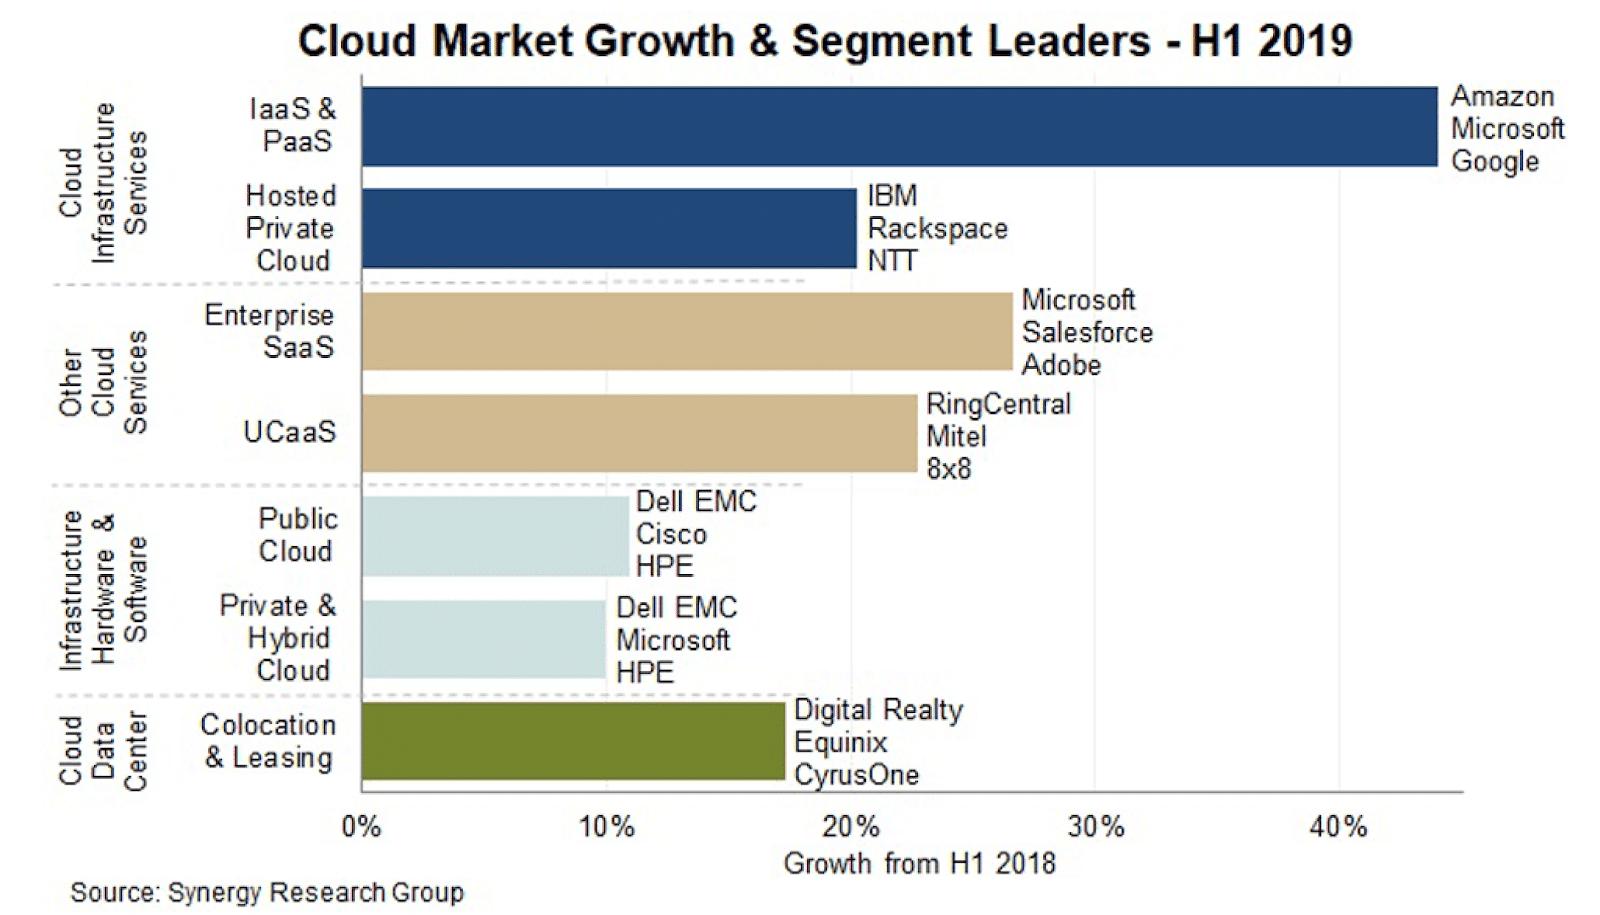 Crescimento do mercado de Cloud e líderes de segmento